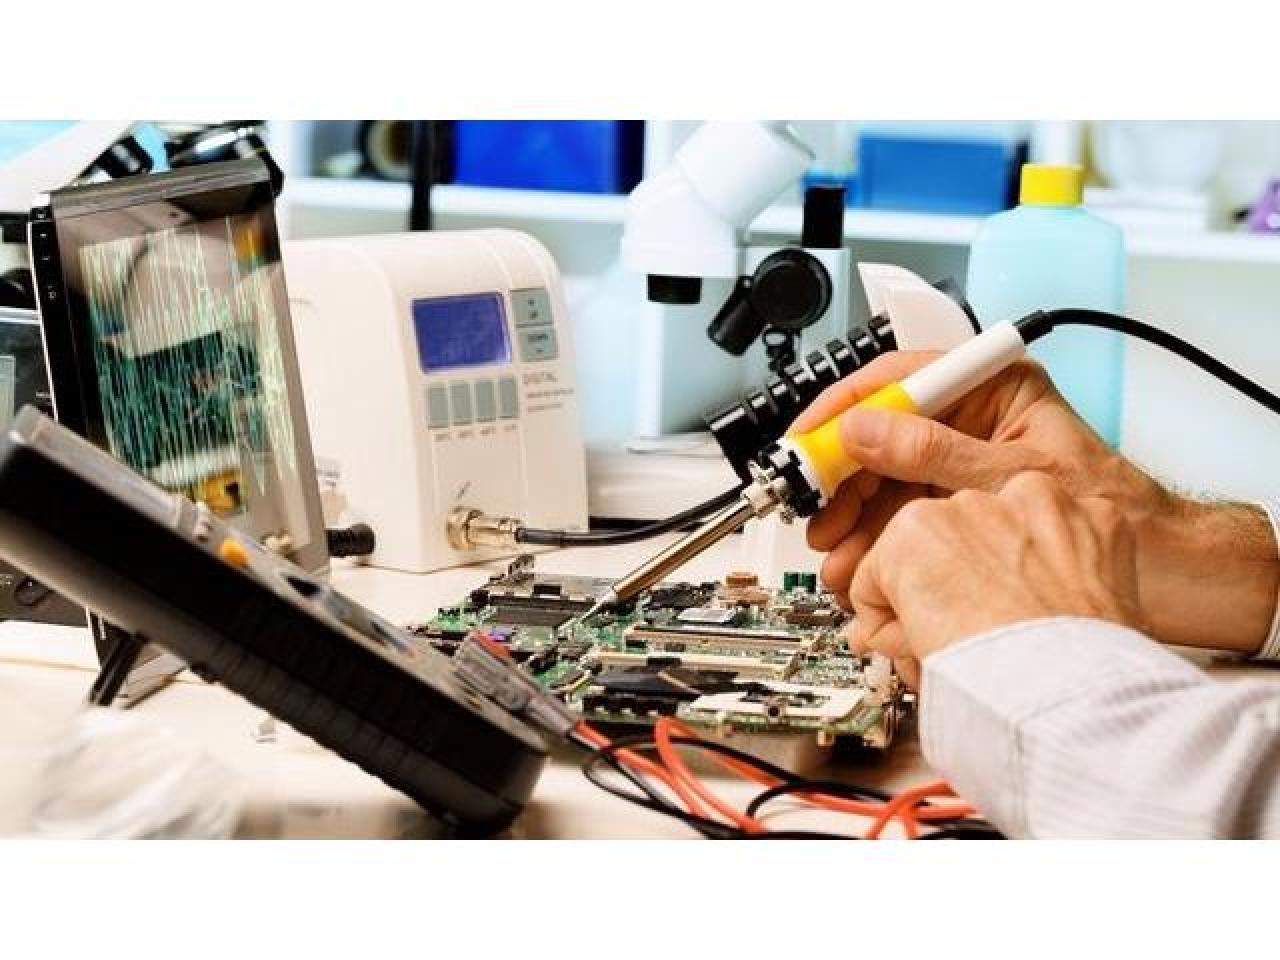 Ремонтируем любую электронику любой сложности даже в тех случаях где многие другие отказываются - 1